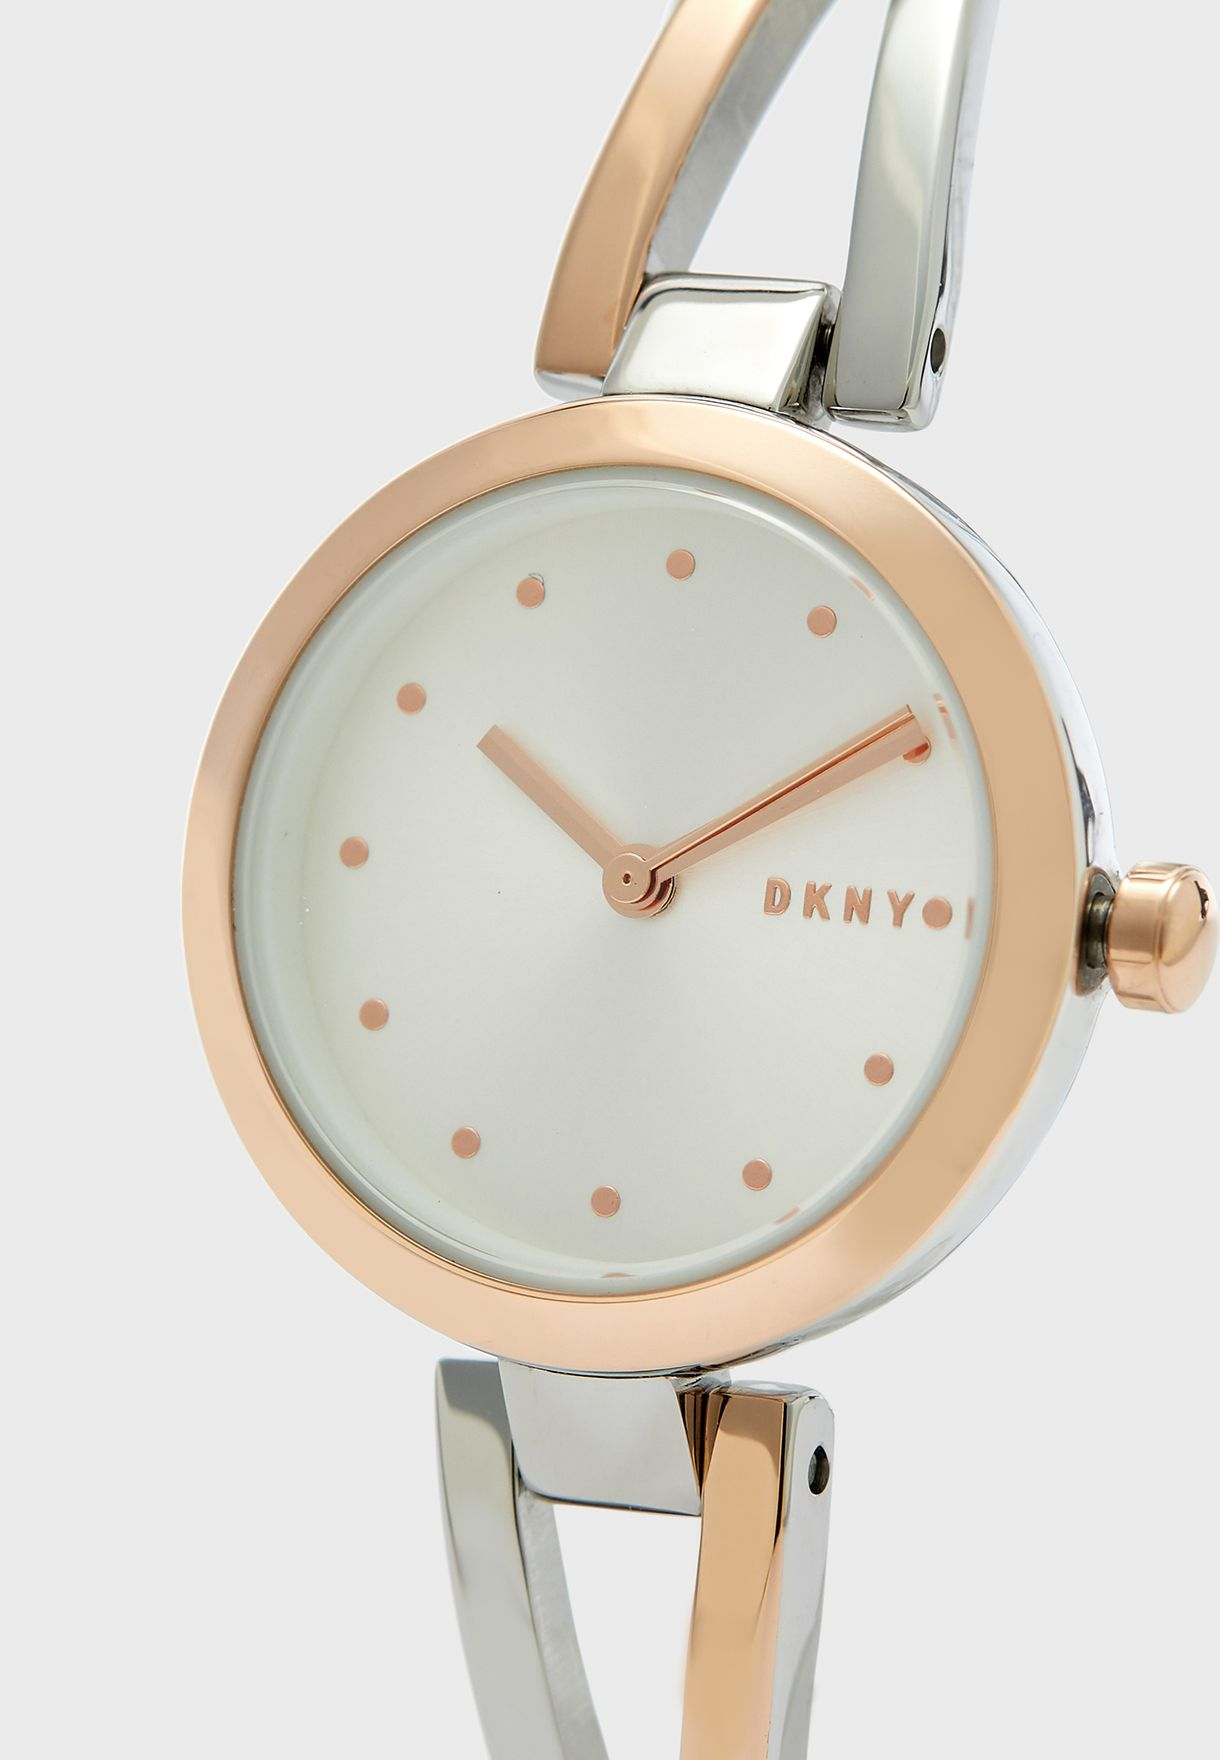 ساعة انيقة مزينة بشعار الماركة